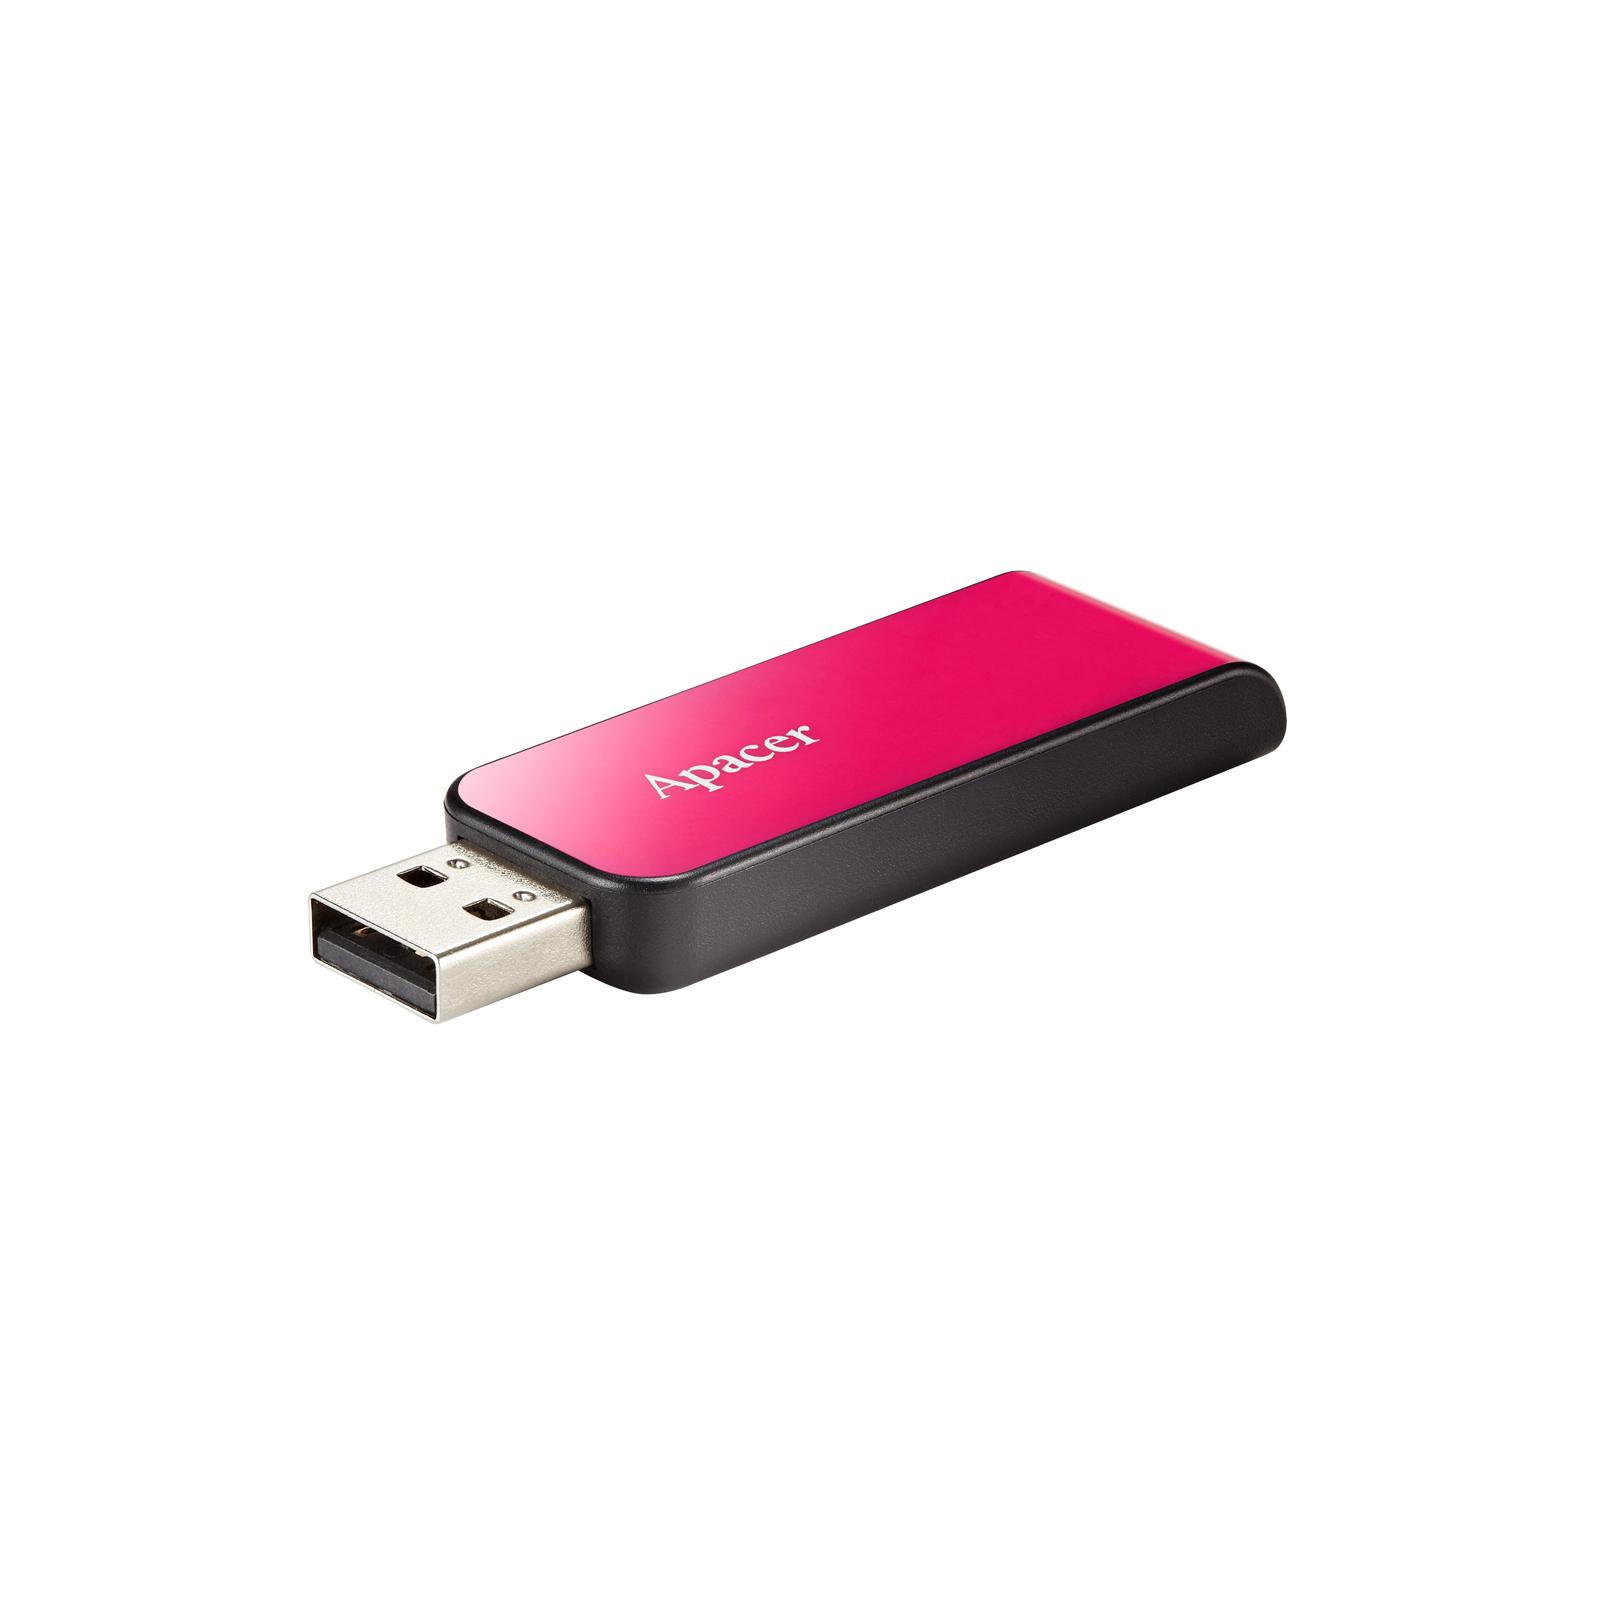 USB флеш накопитель Apacer 16GB AH334 pink USB 2.0 (AP16GAH334P-1) изображение 4